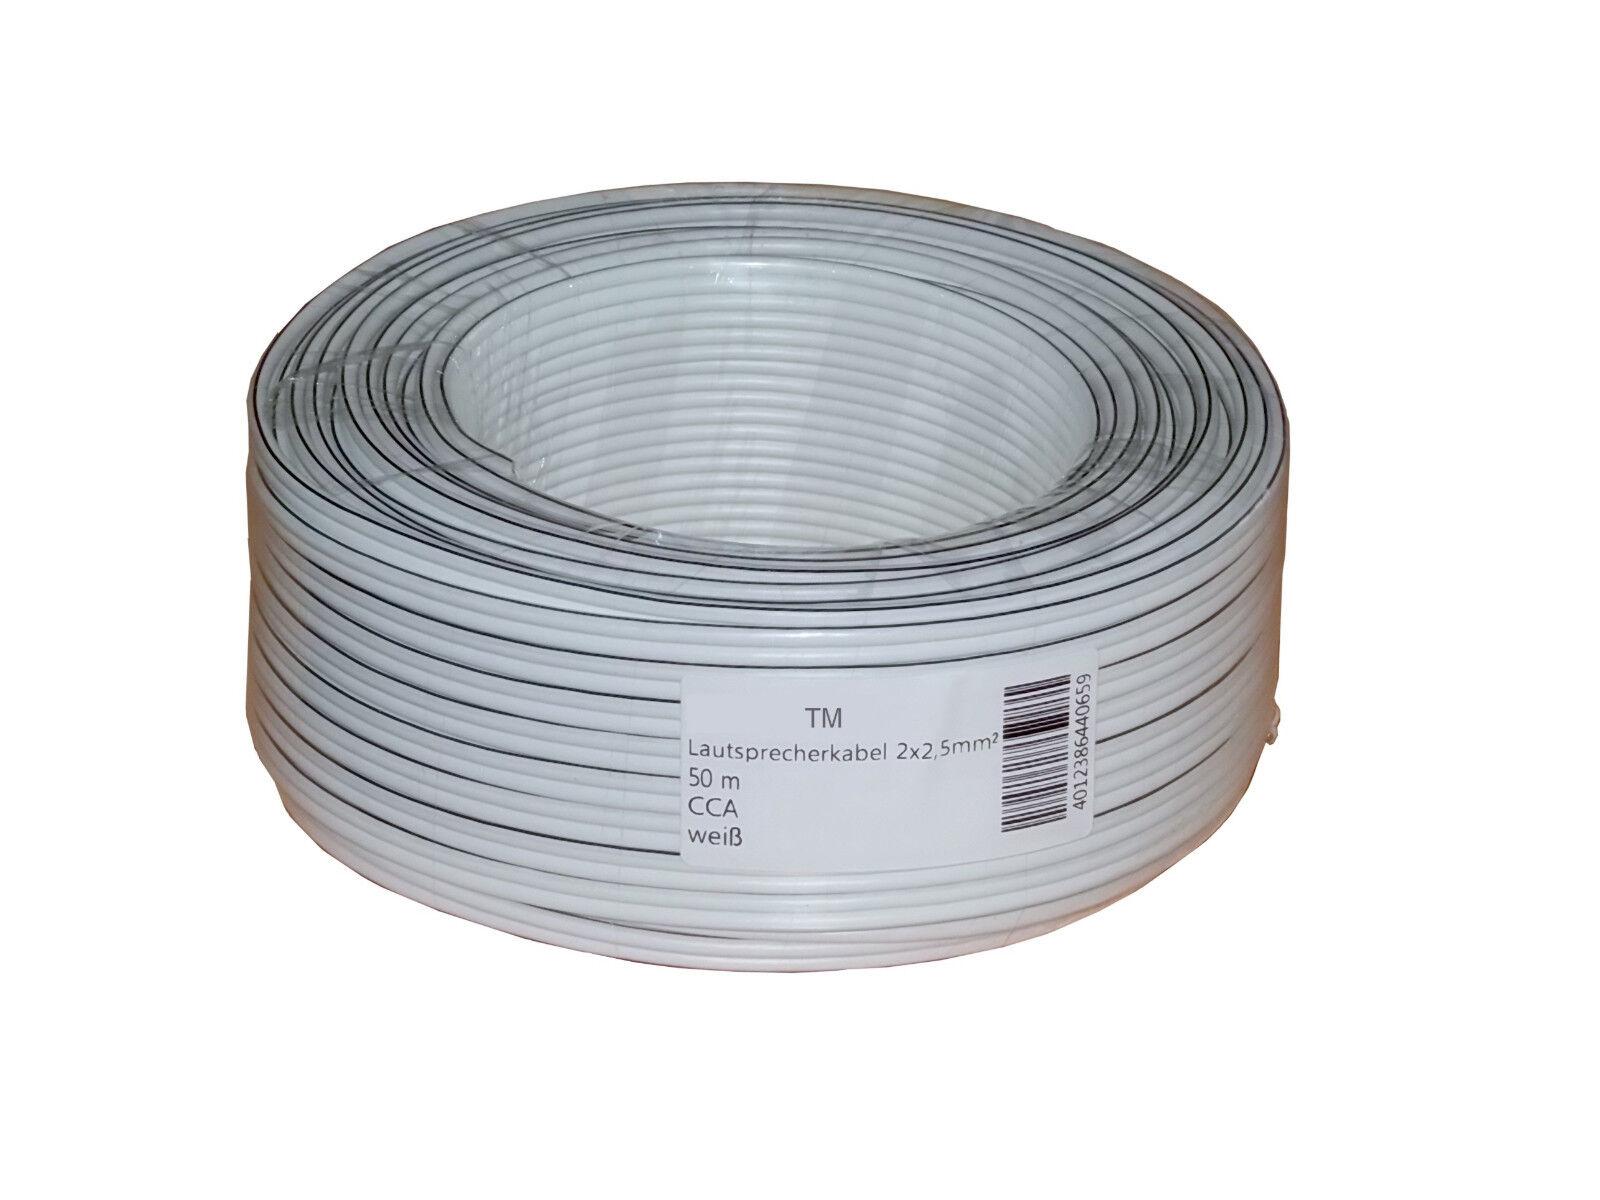 Lautsprecherkabel 50m  2x 2,5 mm² Audiokabel Boxenkabel CCA Kabel cable weiß